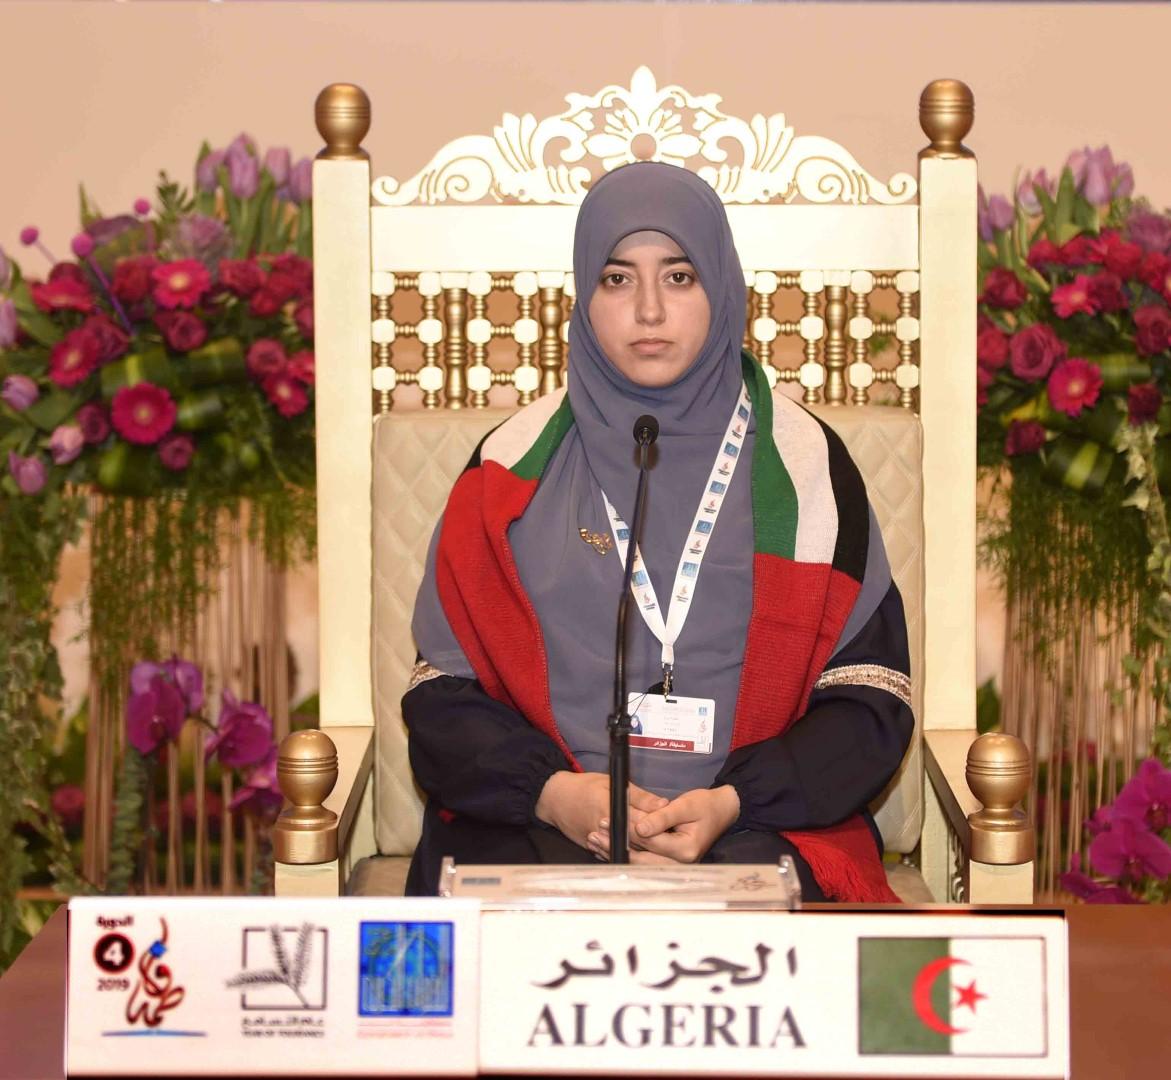 حصة بنت مكتوم تحضر حفل ختام مسابقة الشيخة فاطمة للقرآن الكريم